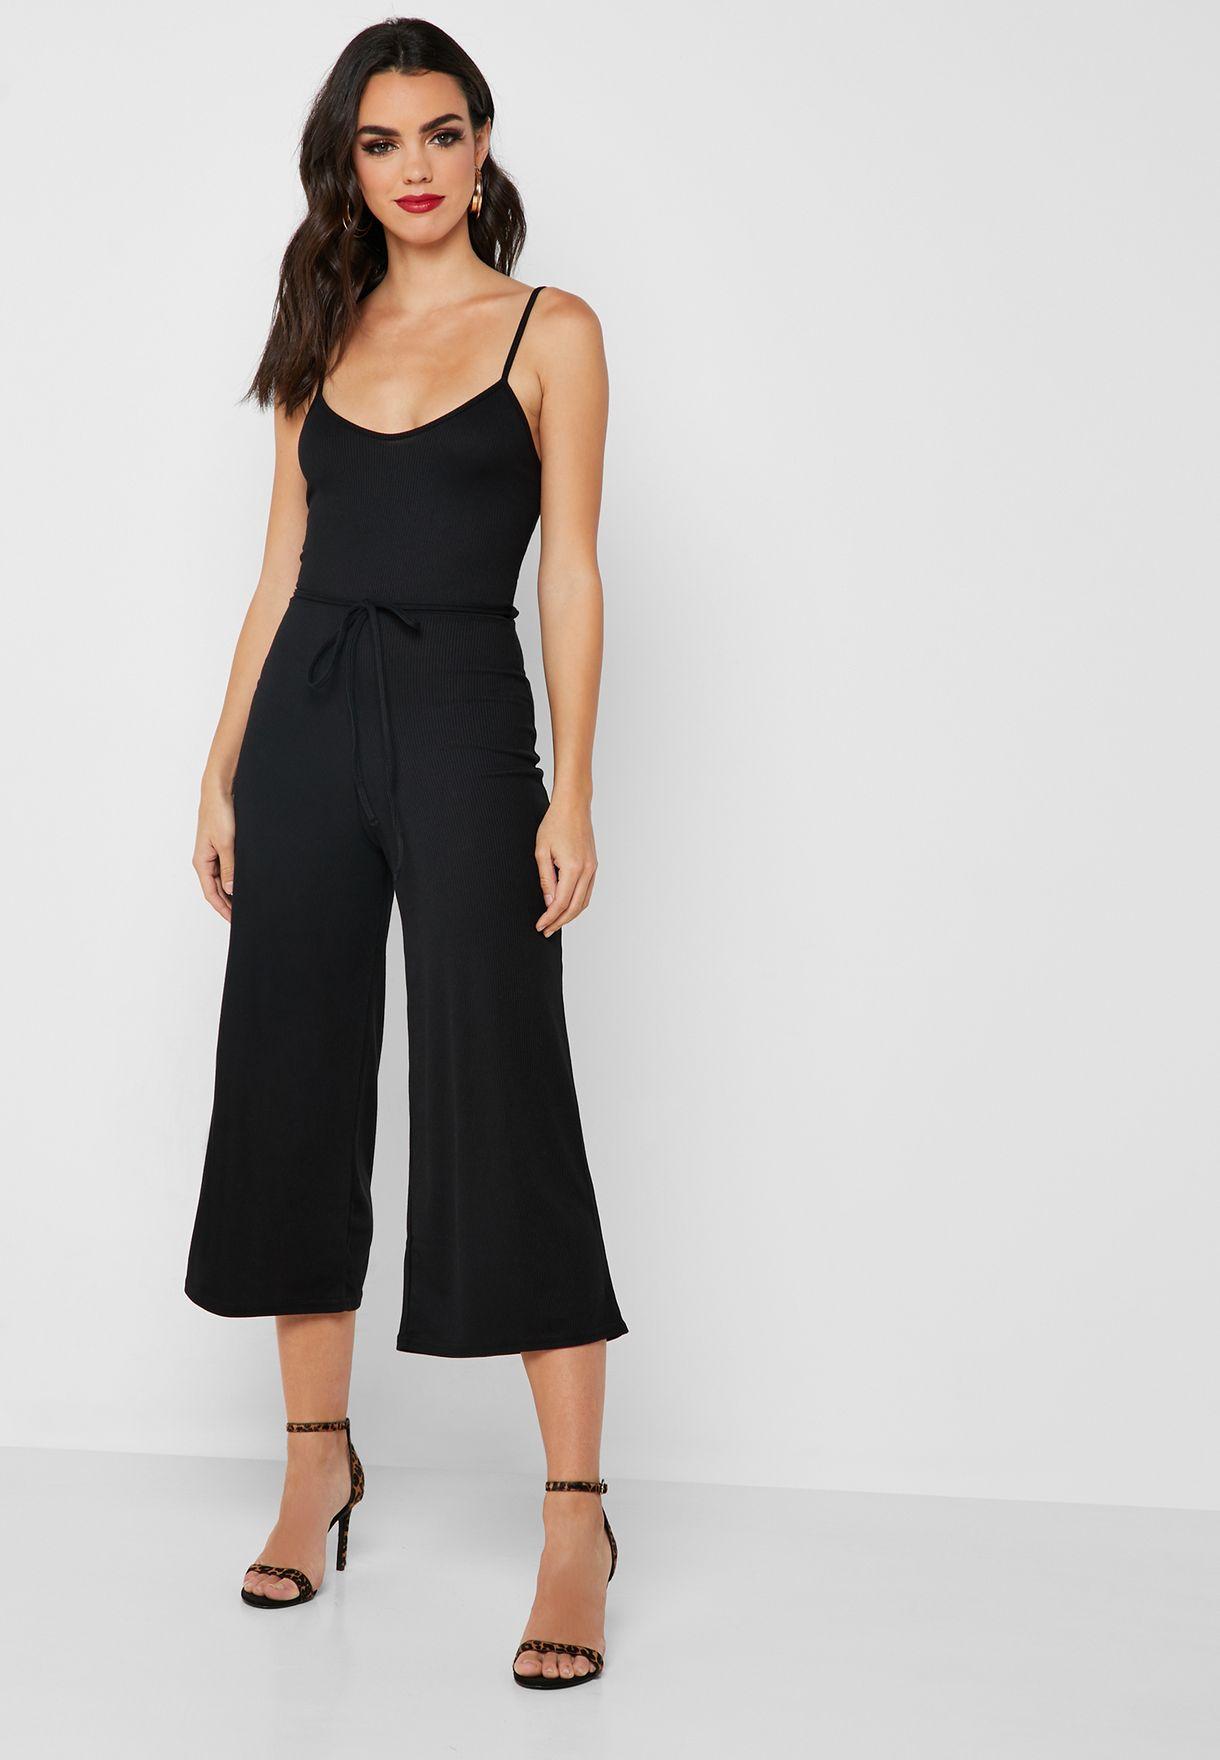 bd36ab8618a Shop Missguided black Tie Waist Mesh Culottes Jumpsuit M9903960 for ...